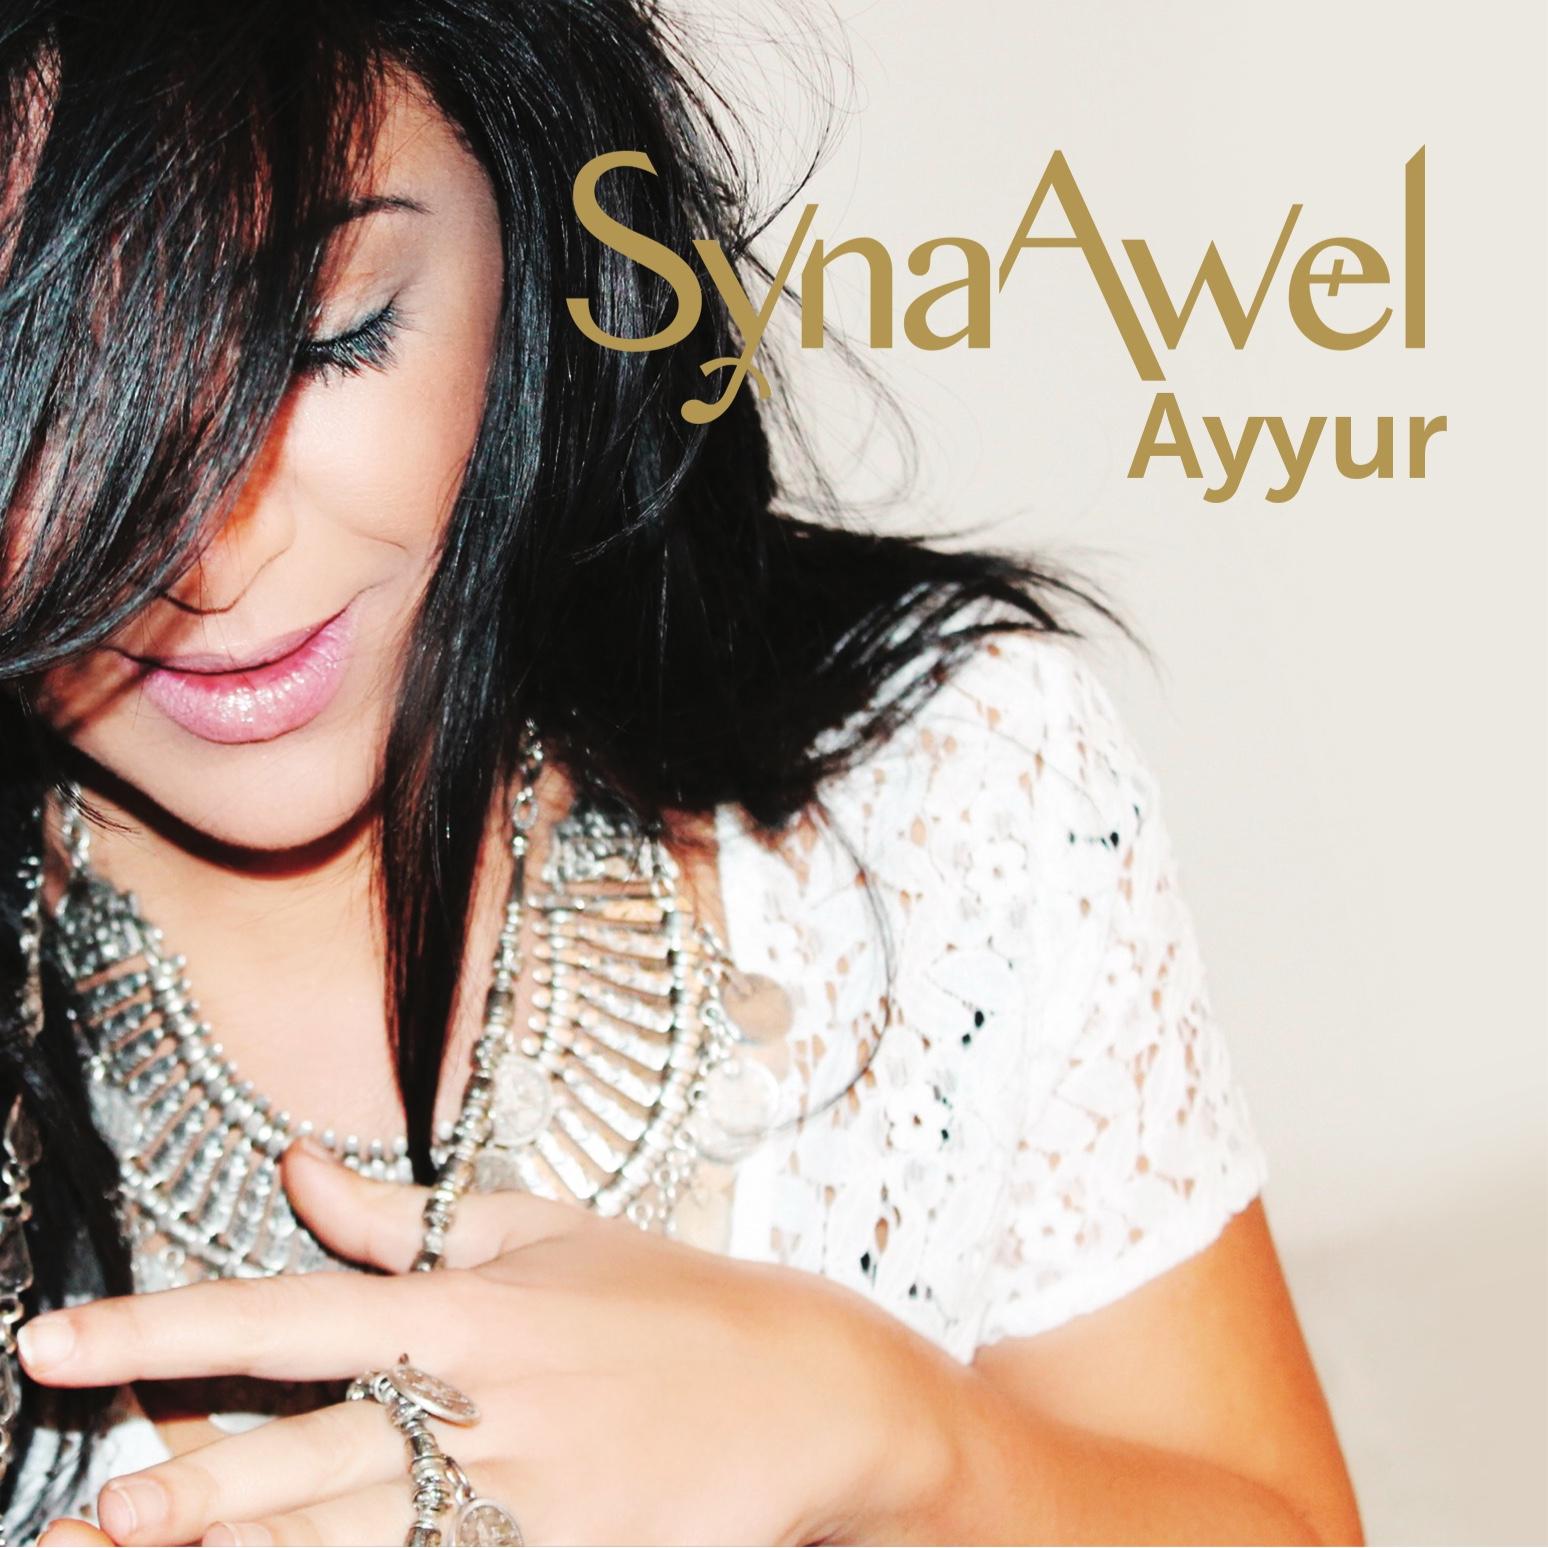 Web-Ayyur-de-Syna-Awel.jpg